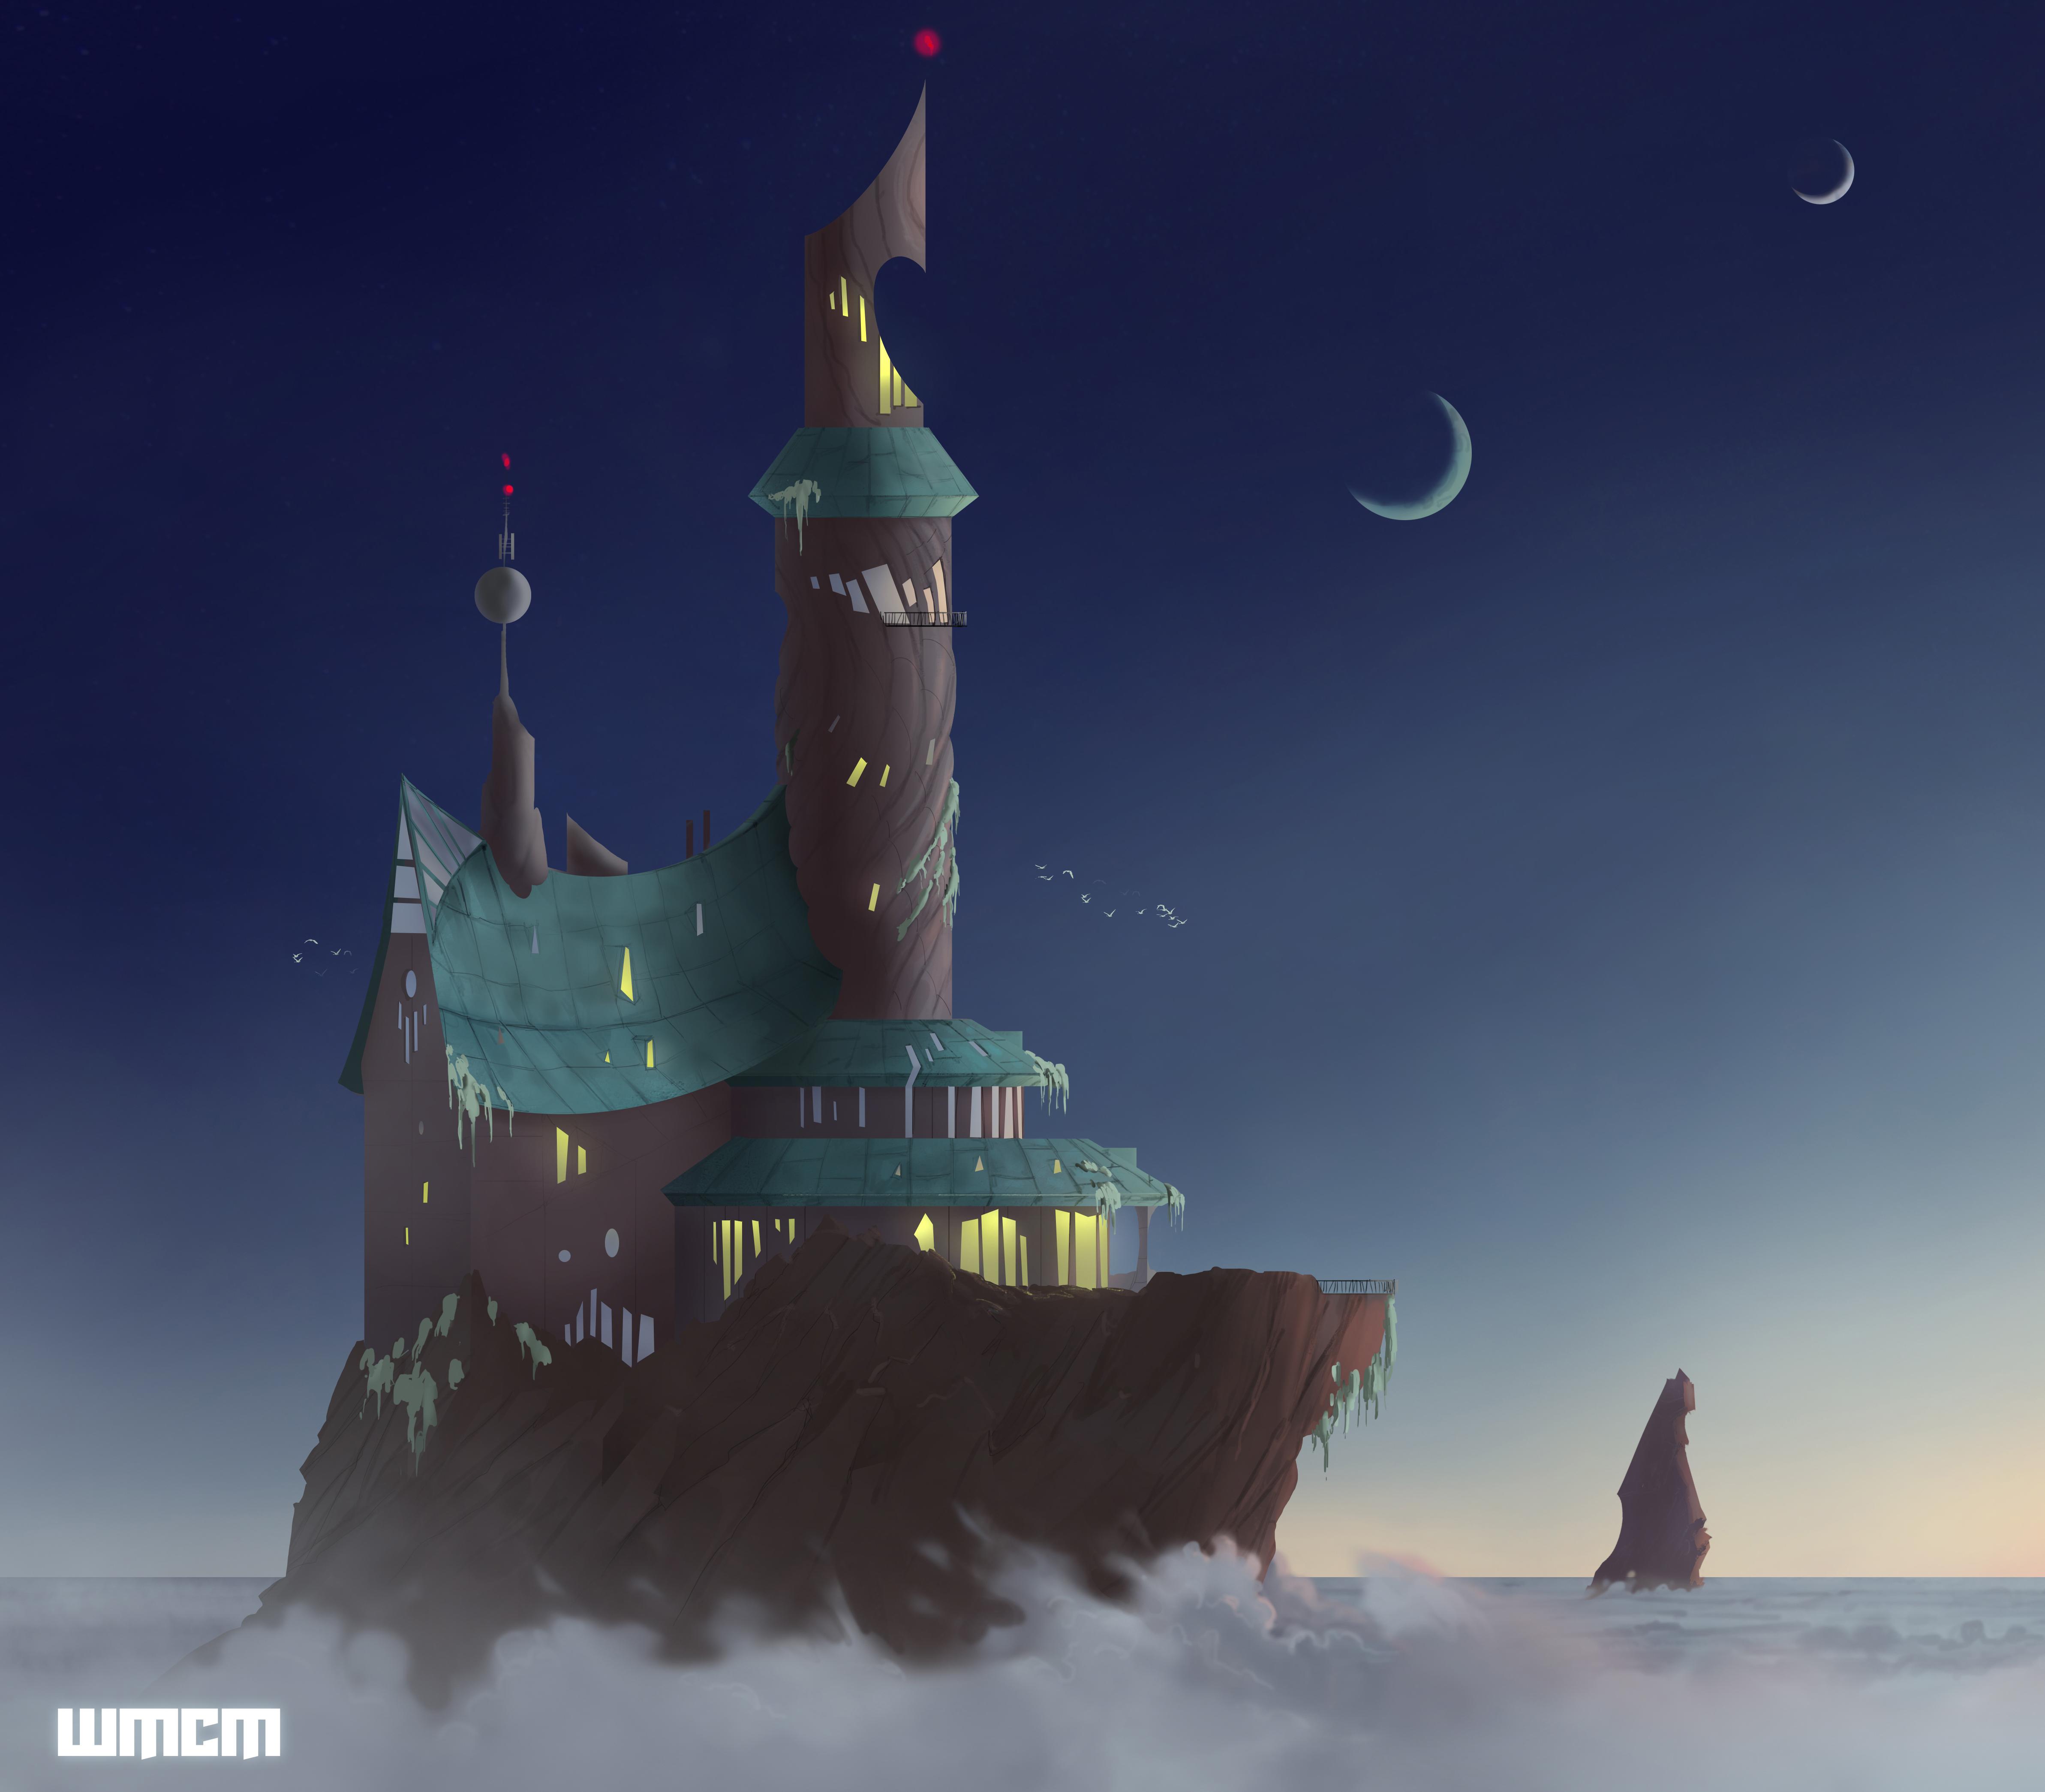 """Design des Wolkenschloss aus der Kurzgeschichte """"With morning comes mistfall"""" von George R.R. Martin"""